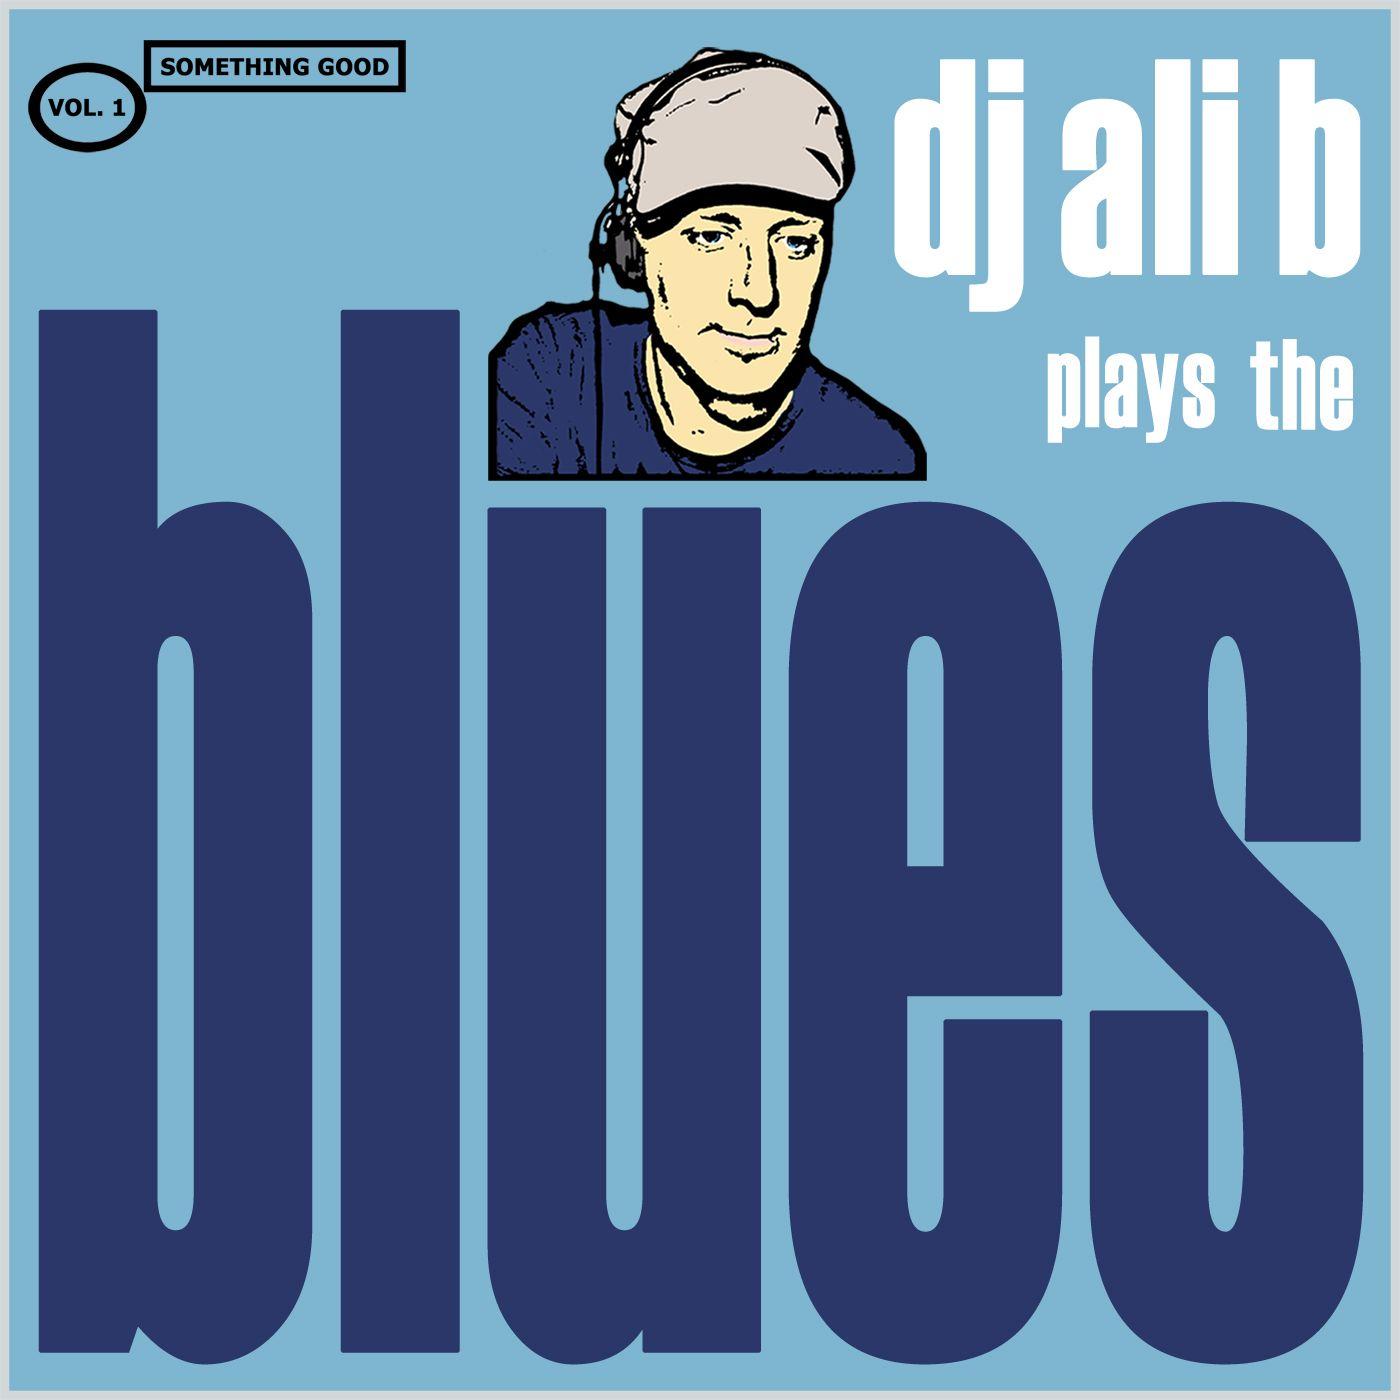 ali_b_plays_the_blues.jpg